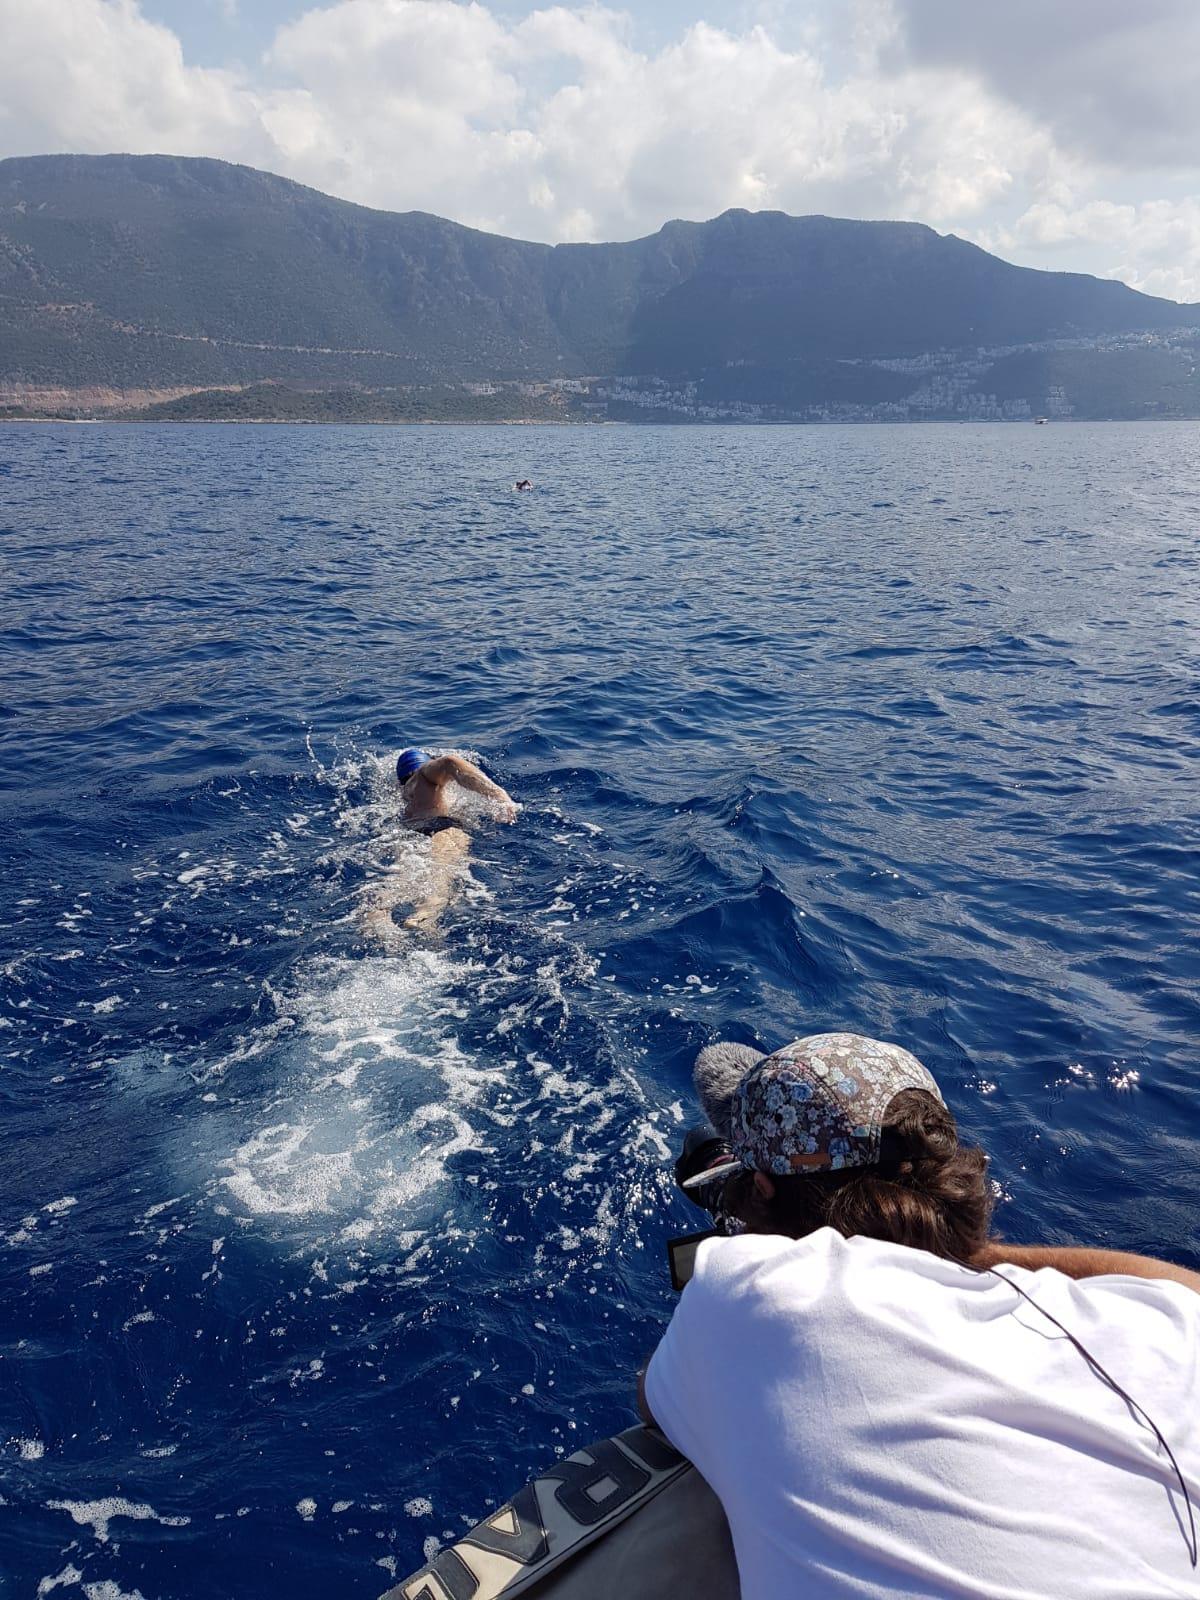 Nacho Dean une Europa con Asia cruzando el Bósforo a nado